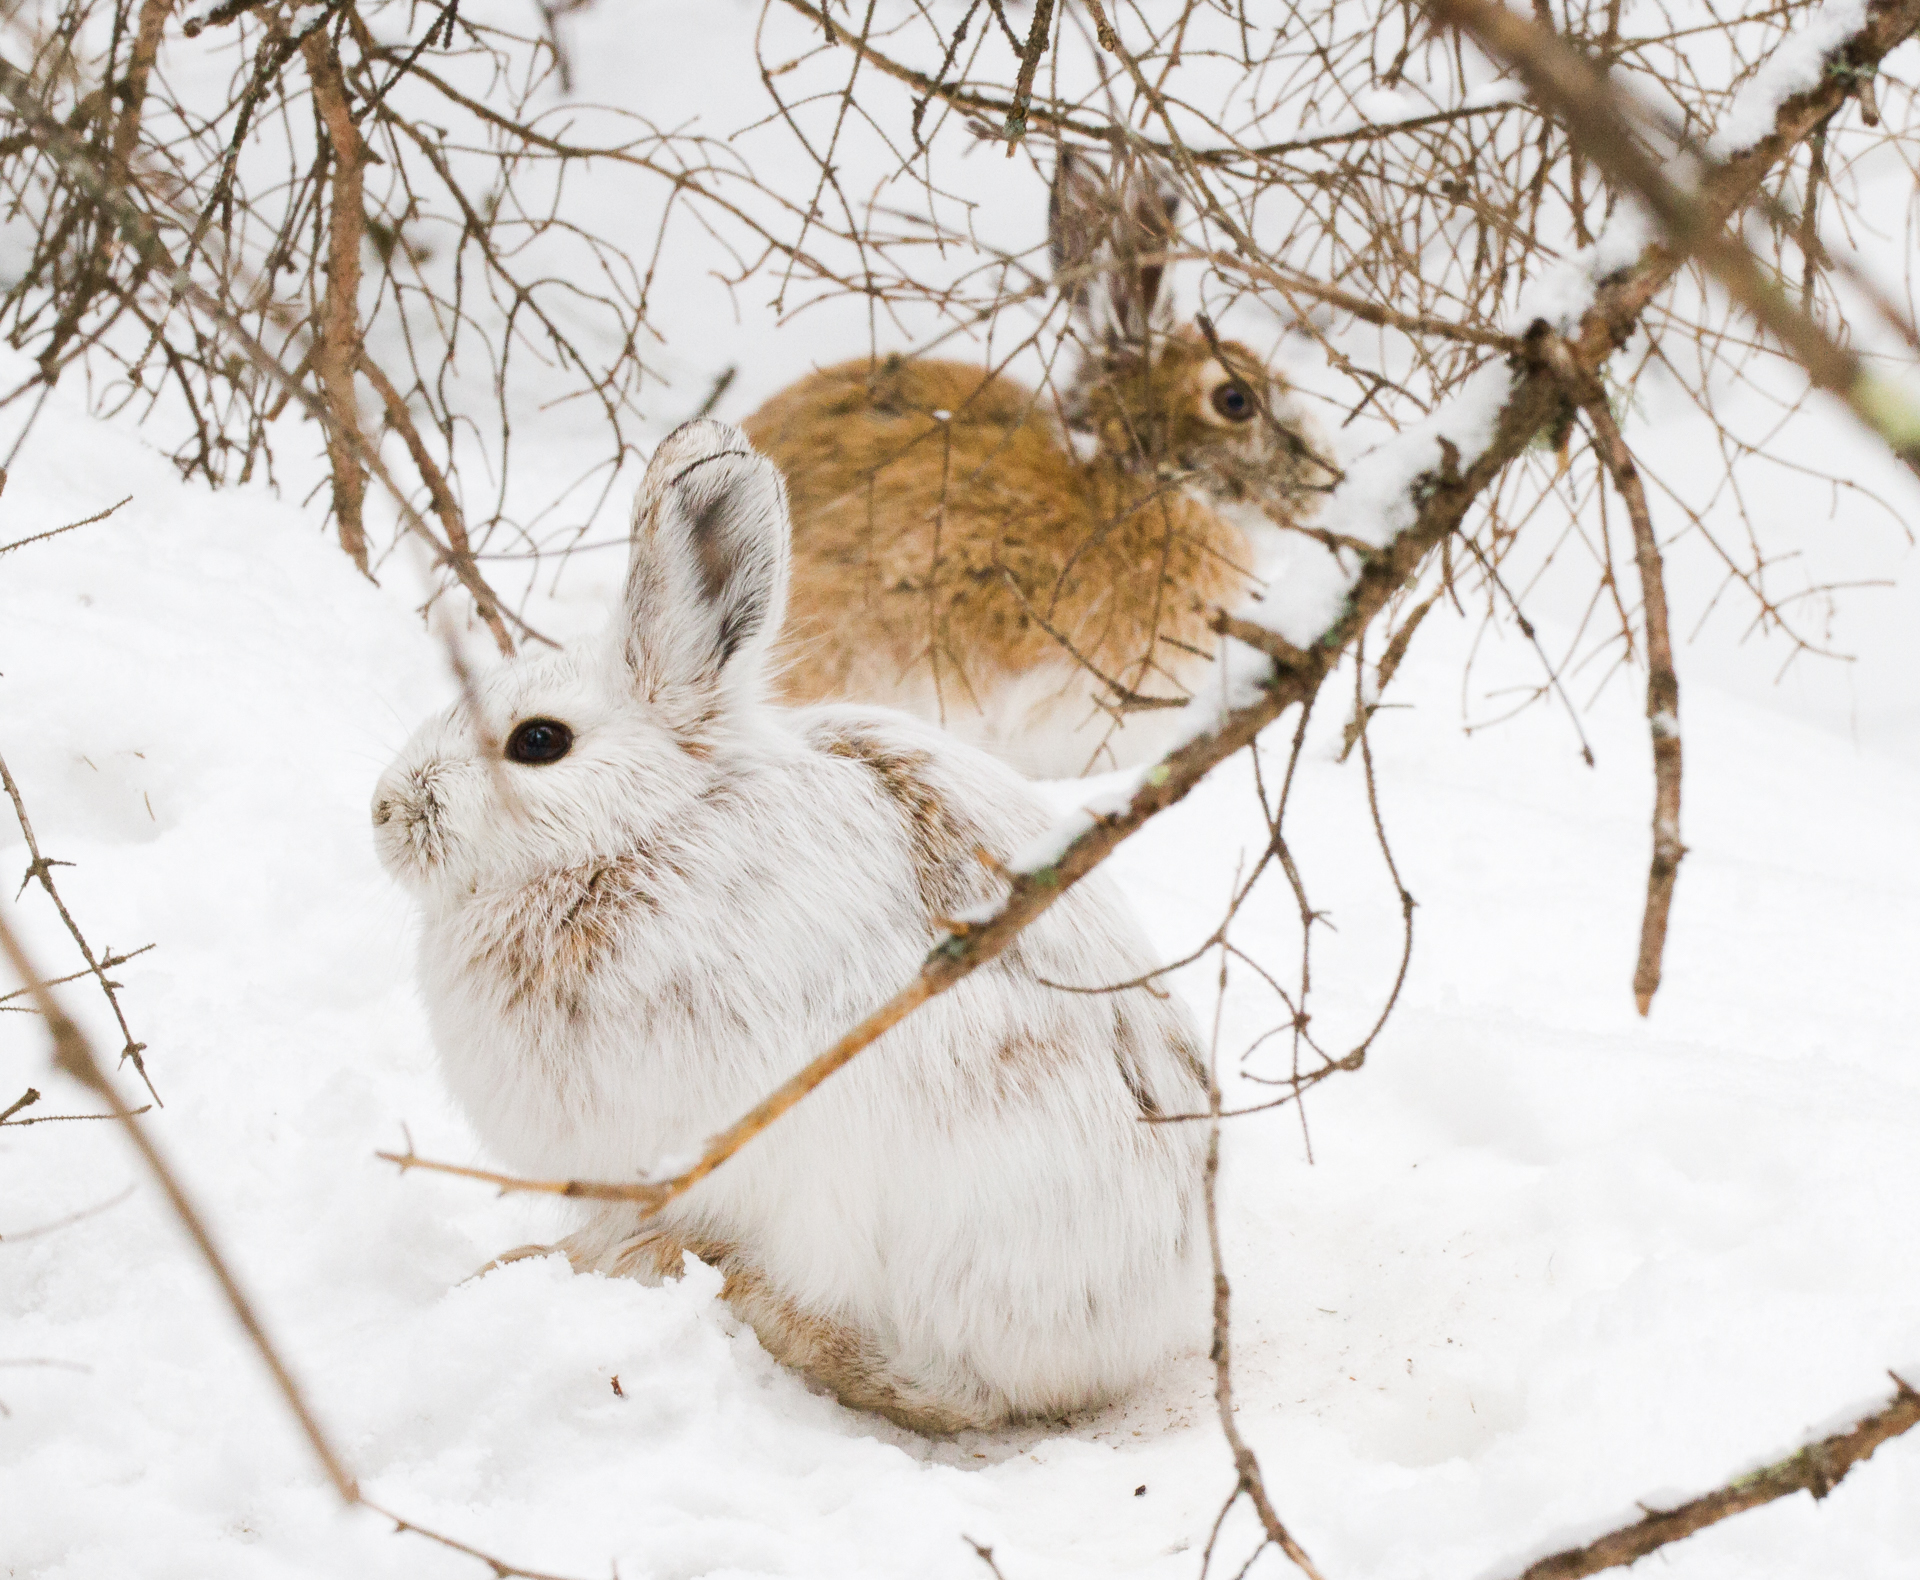 Snowshoe Hare Warren Nelson Memorial Bog Sax-Zim Bog MN IMG_0865